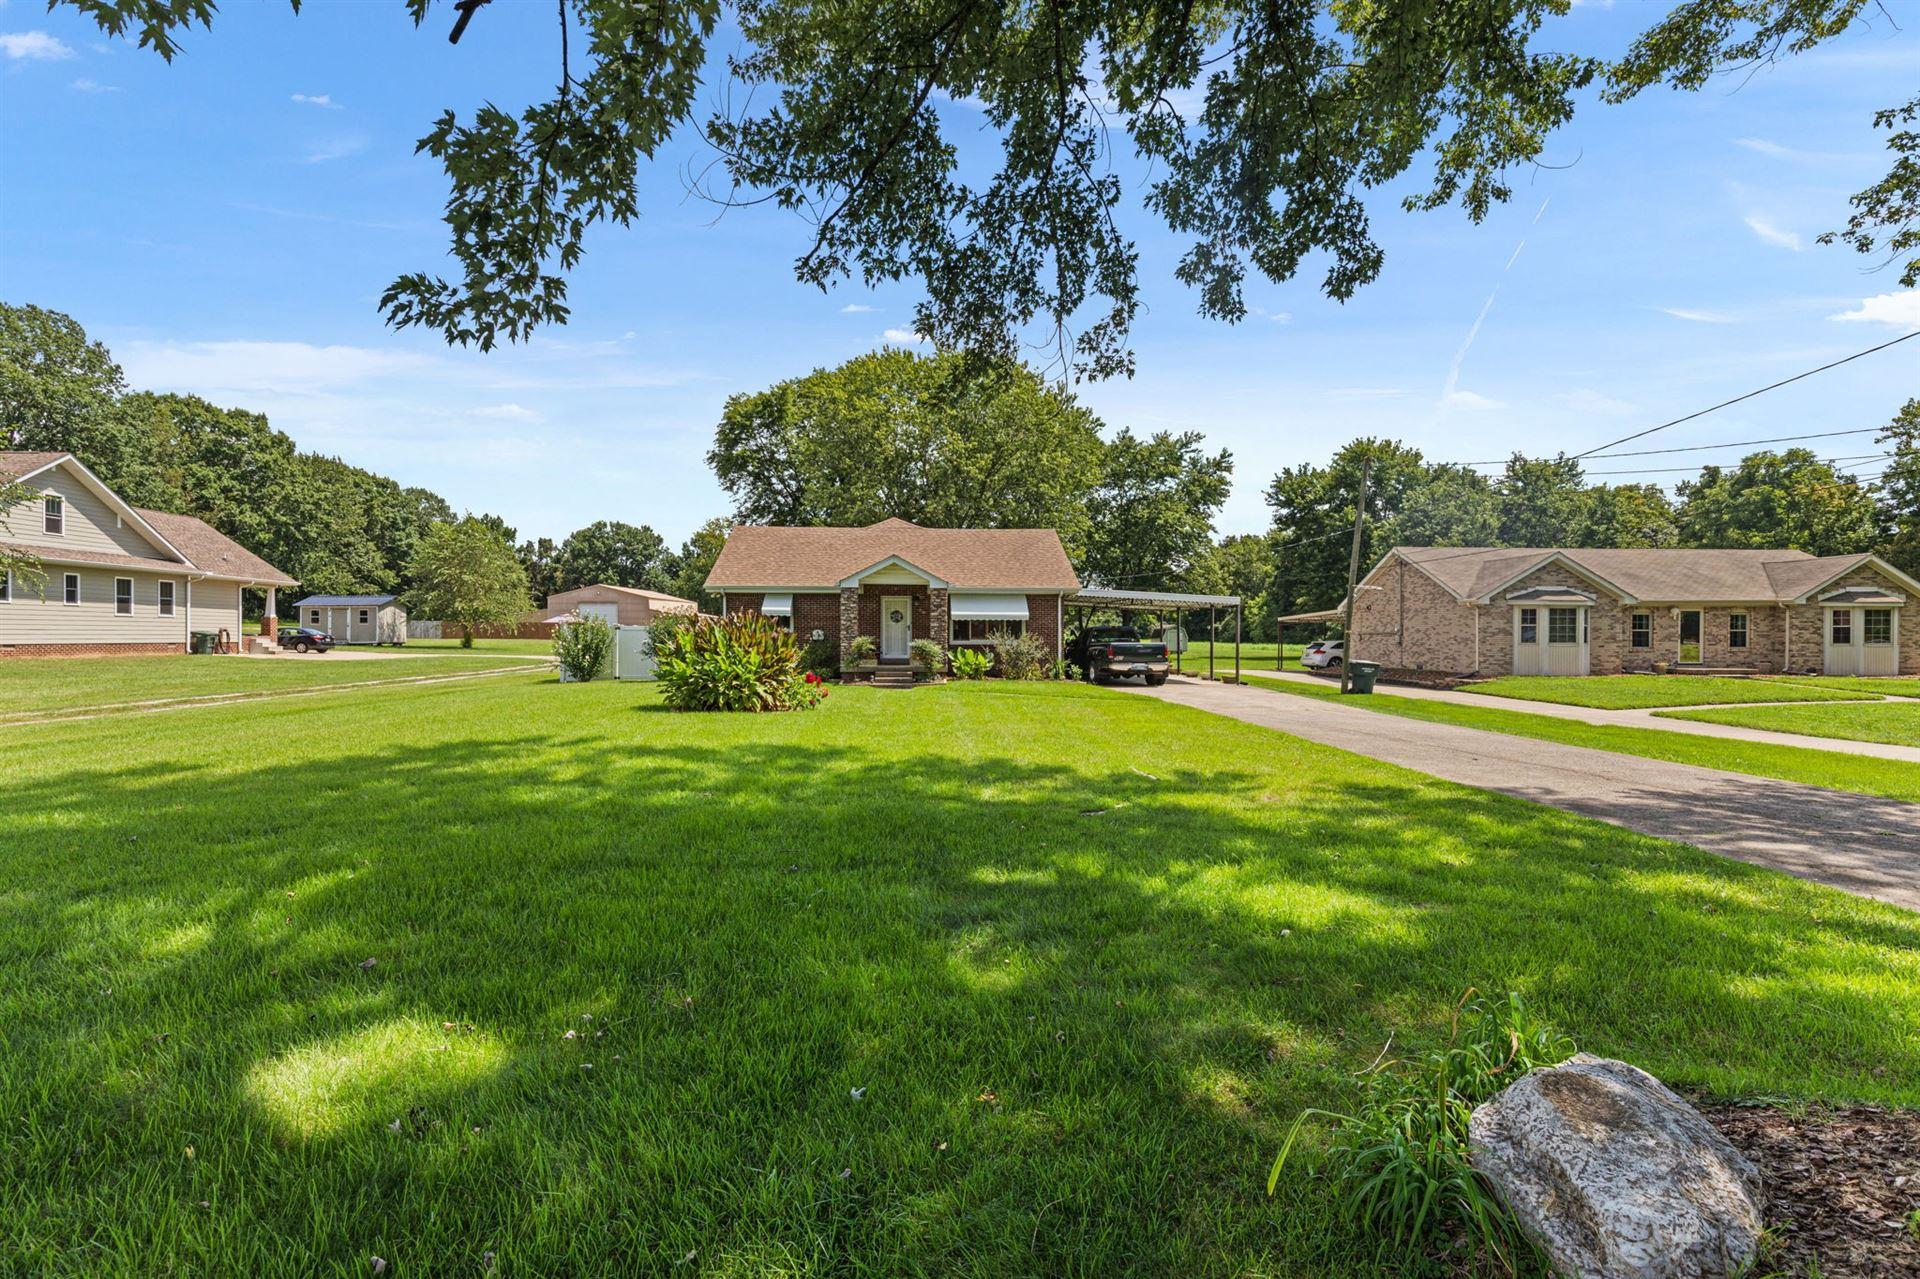 6193 N New Hope Rd, Hermitage, TN 37076 - MLS#: 2286650